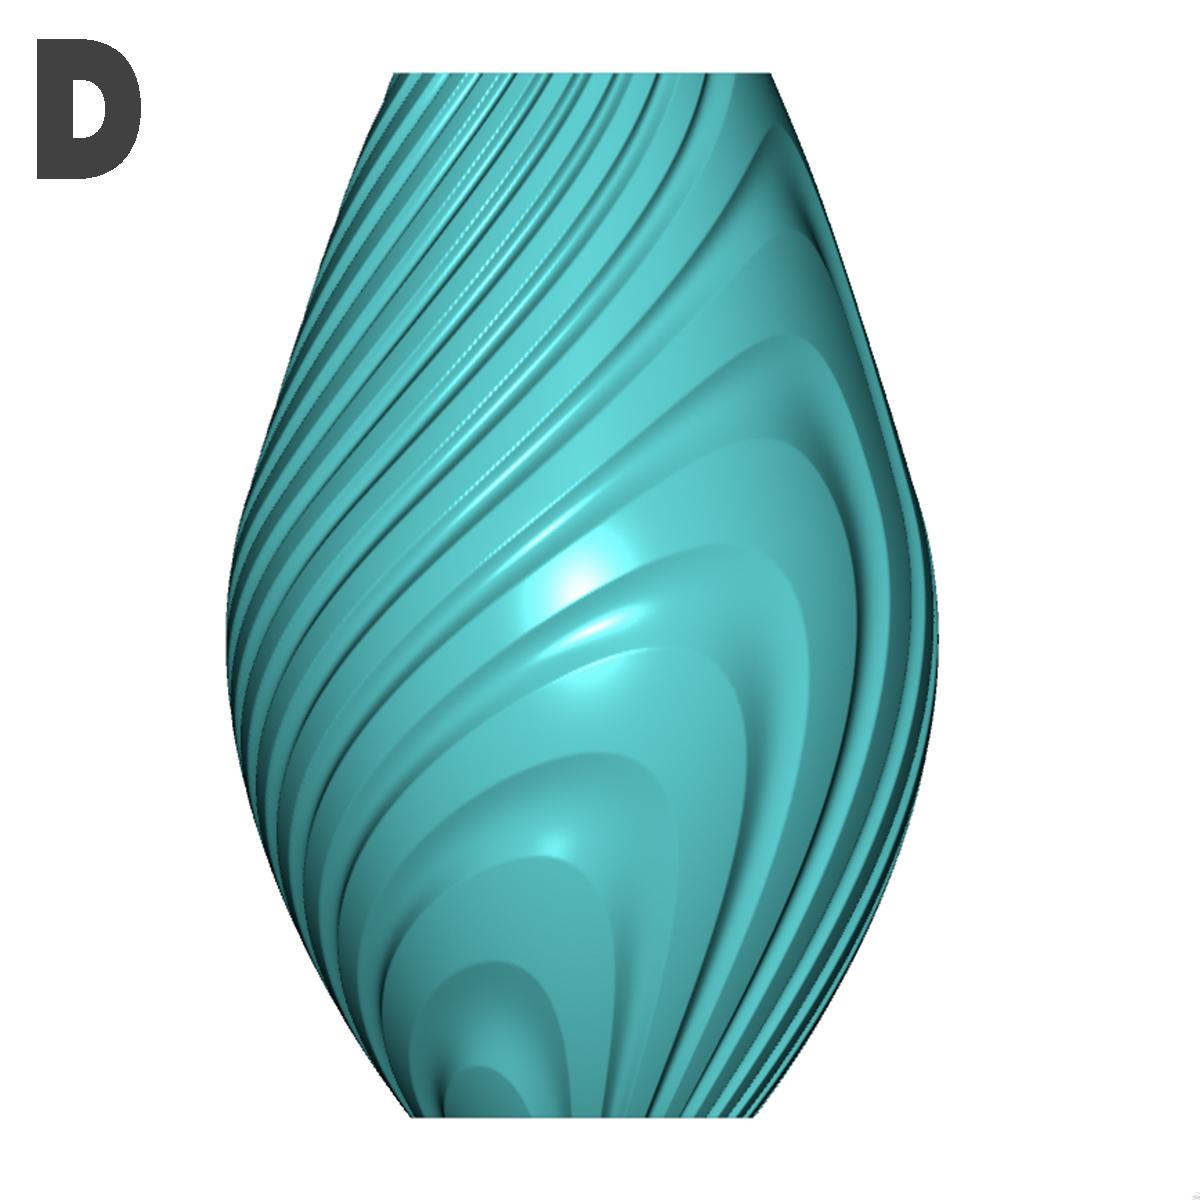 d.jpg Descargar archivo STL gratis Colección de jarrones en órbita • Objeto imprimible en 3D, Filar3D